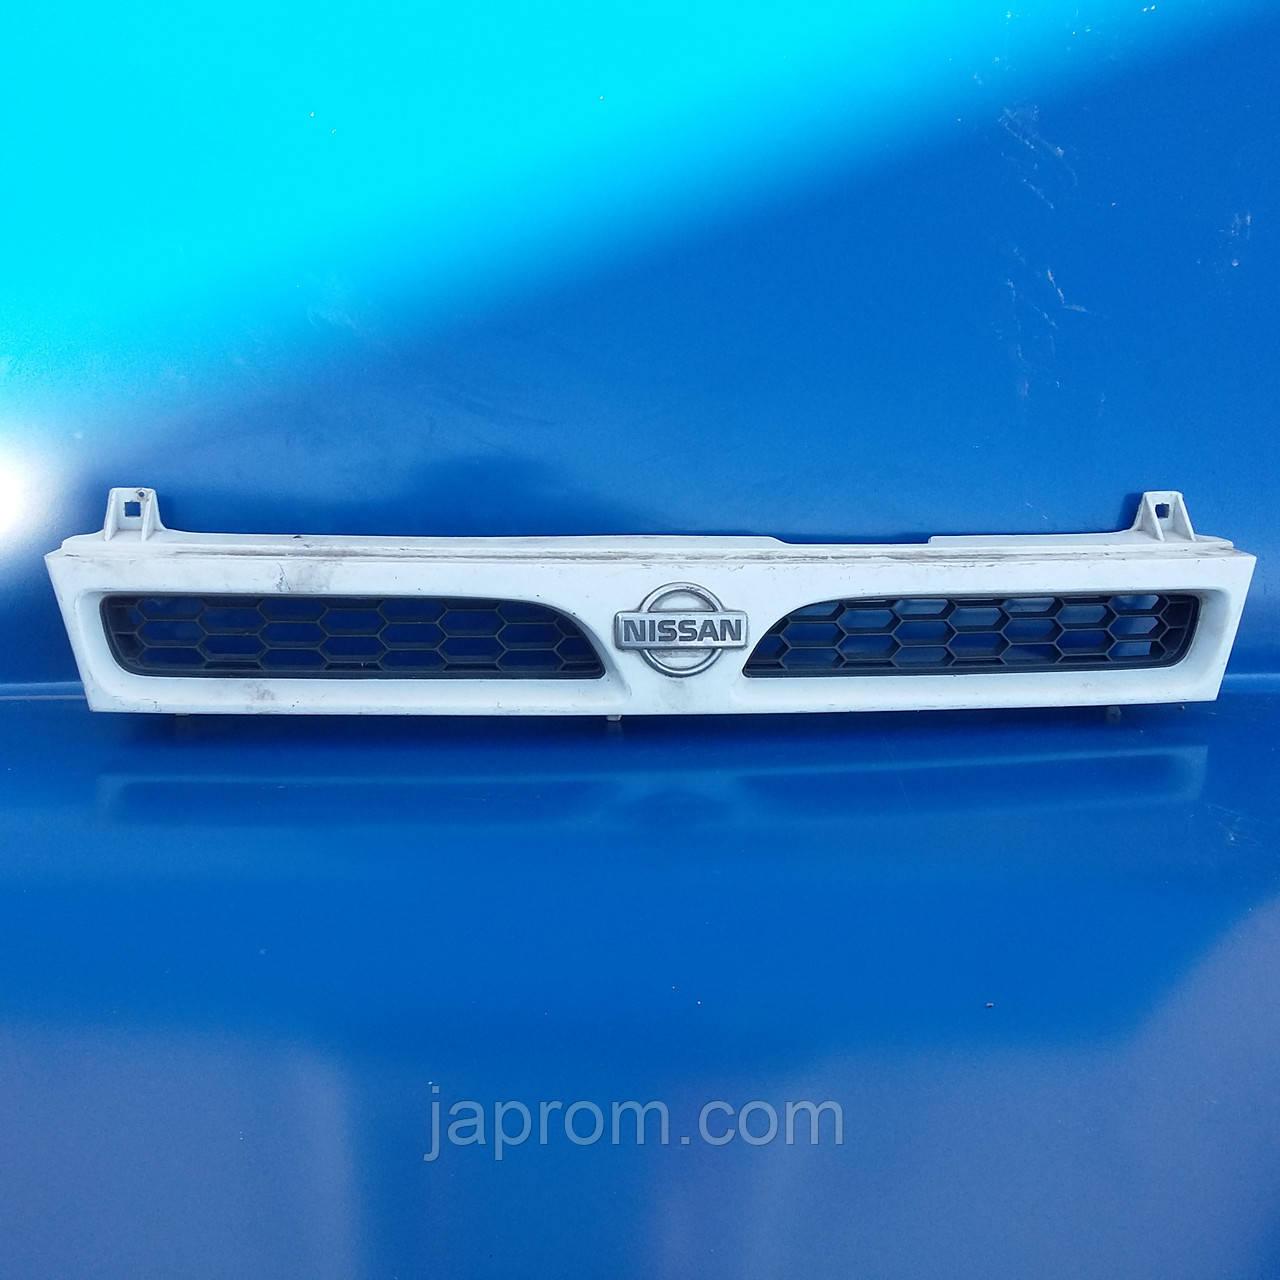 Решетка радиатора Nissan Sunny N14 1990-1995г.в.